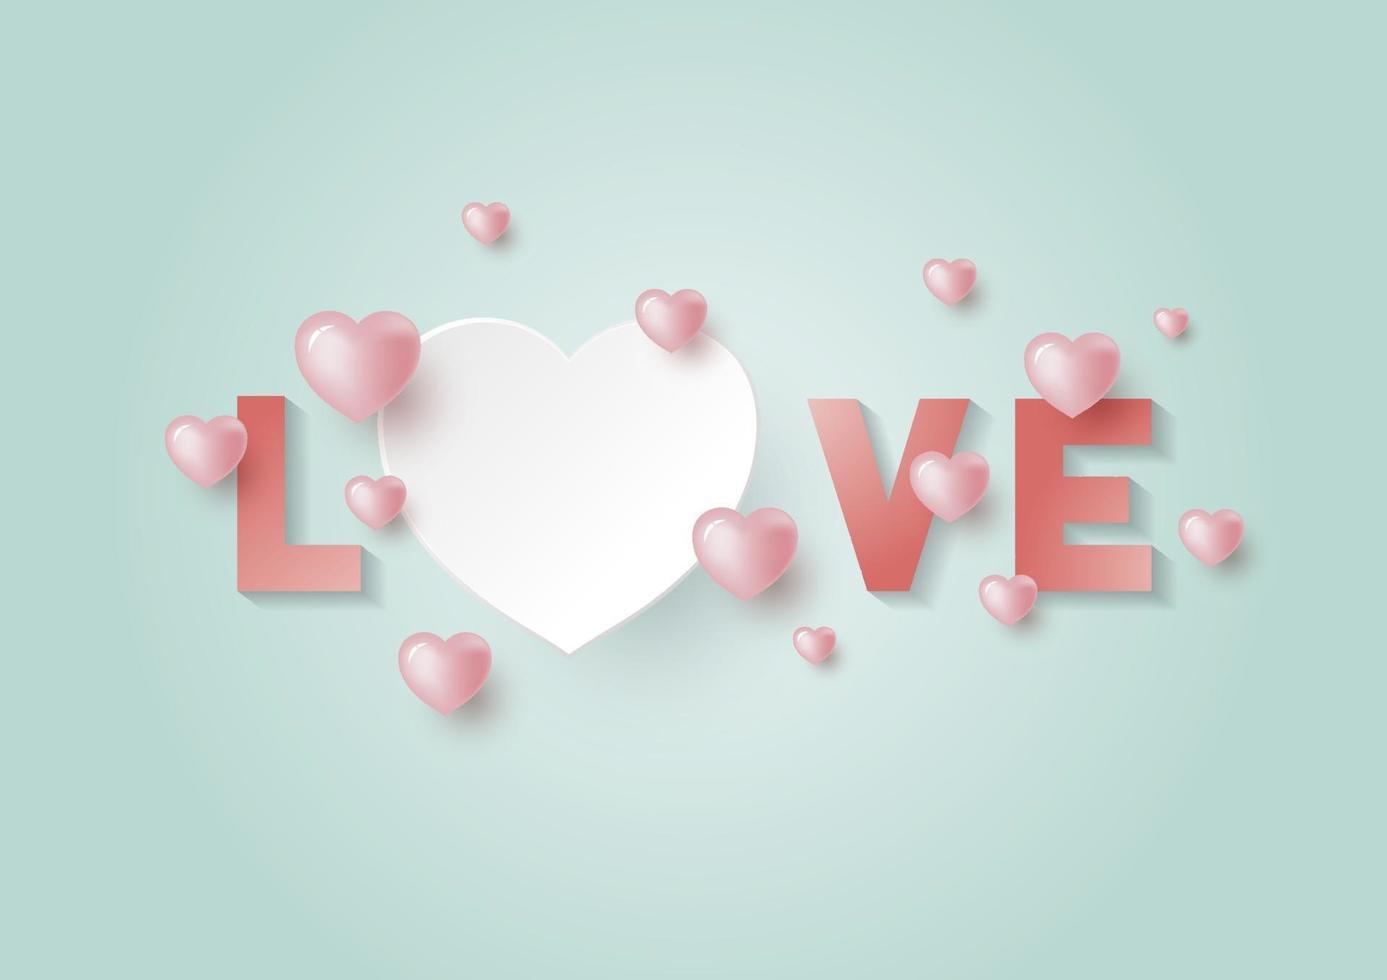 Liebe mit Herzen mit Kopienraum für Valentinstag und Hochzeitskarte Vektor-Illustration vektor